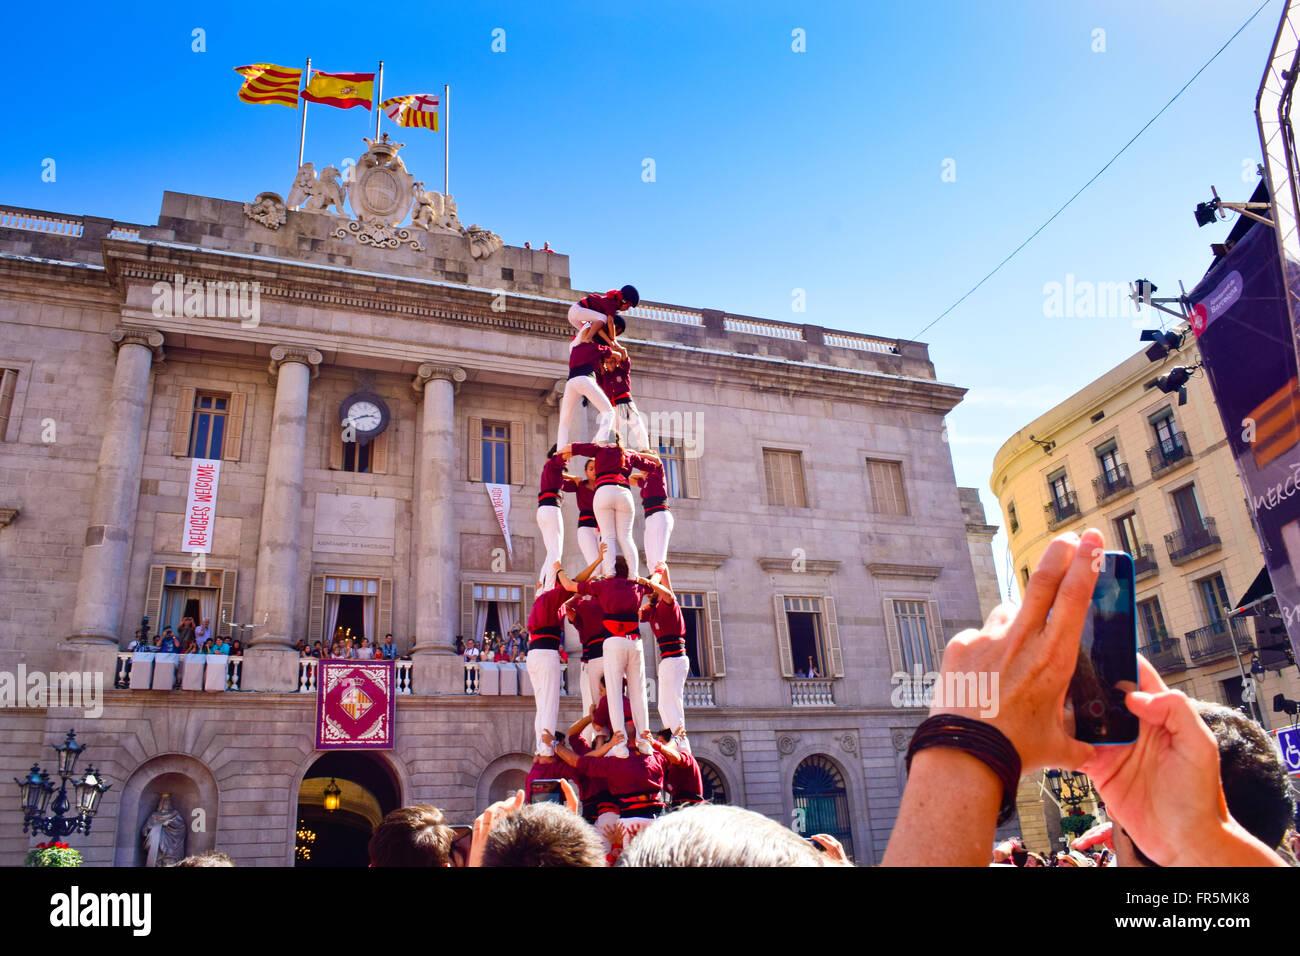 Tours humaines 24. Merce Festival. La Plaça Sant Jume, Barcelone, Catalogne, Espagne. Banque D'Images